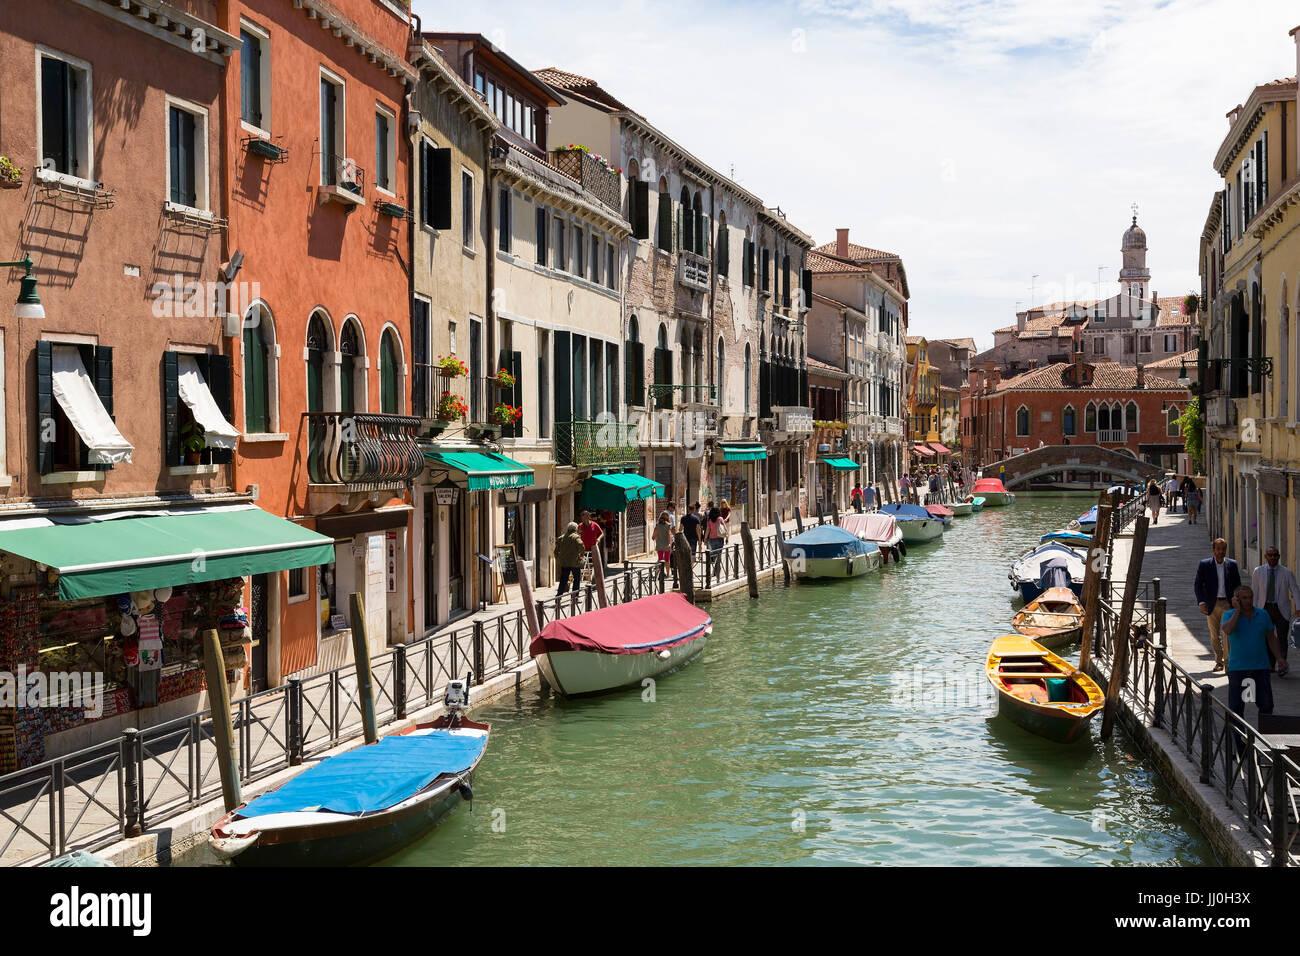 Venice Veneto Italy Venice Venetia Italy Venedig